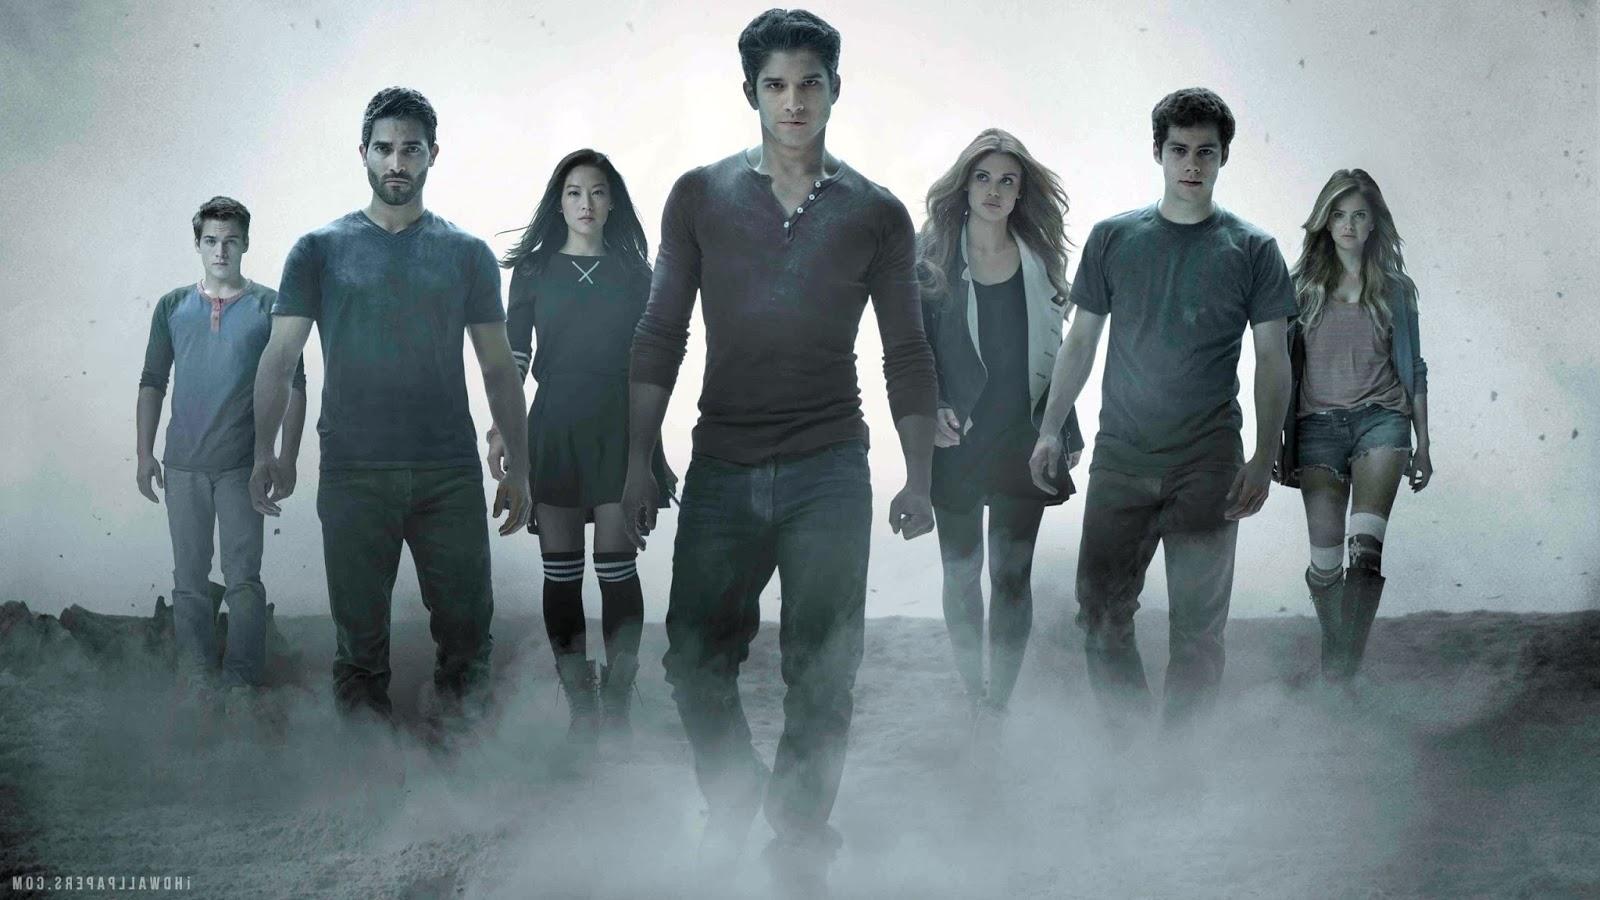 Teen Wolf - 6° Temporada ganha previsão de estreia na Netflix